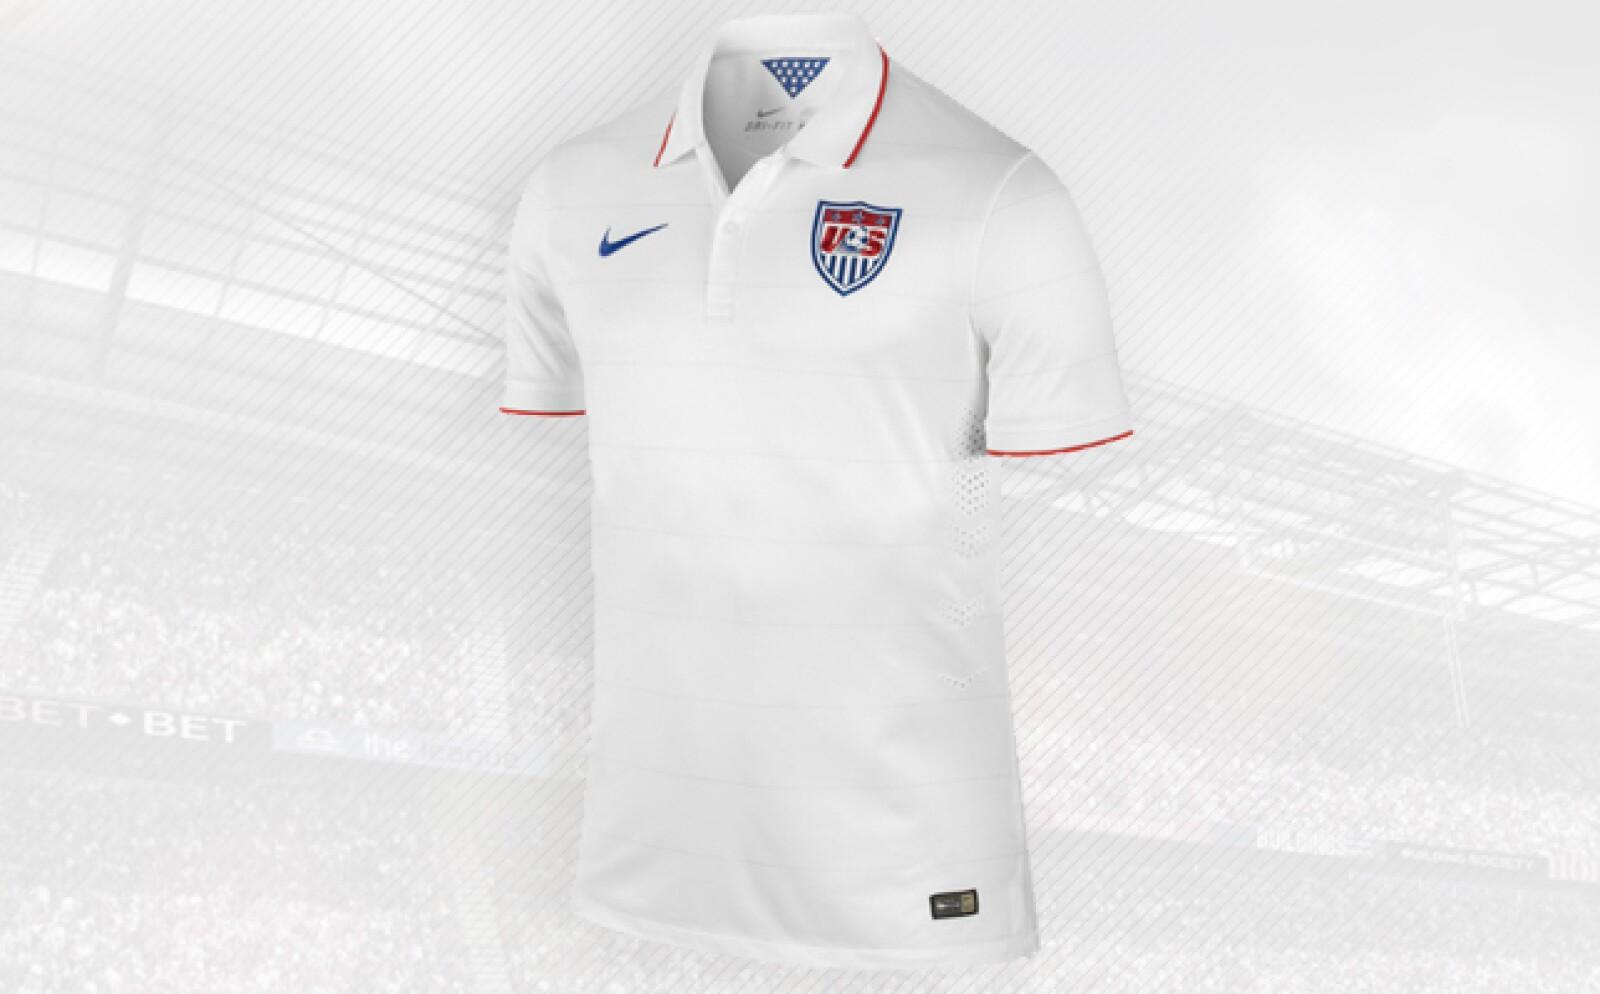 Al igual que Alemania y Ecuador el equipo norteamericano viste con la firma local Nike.